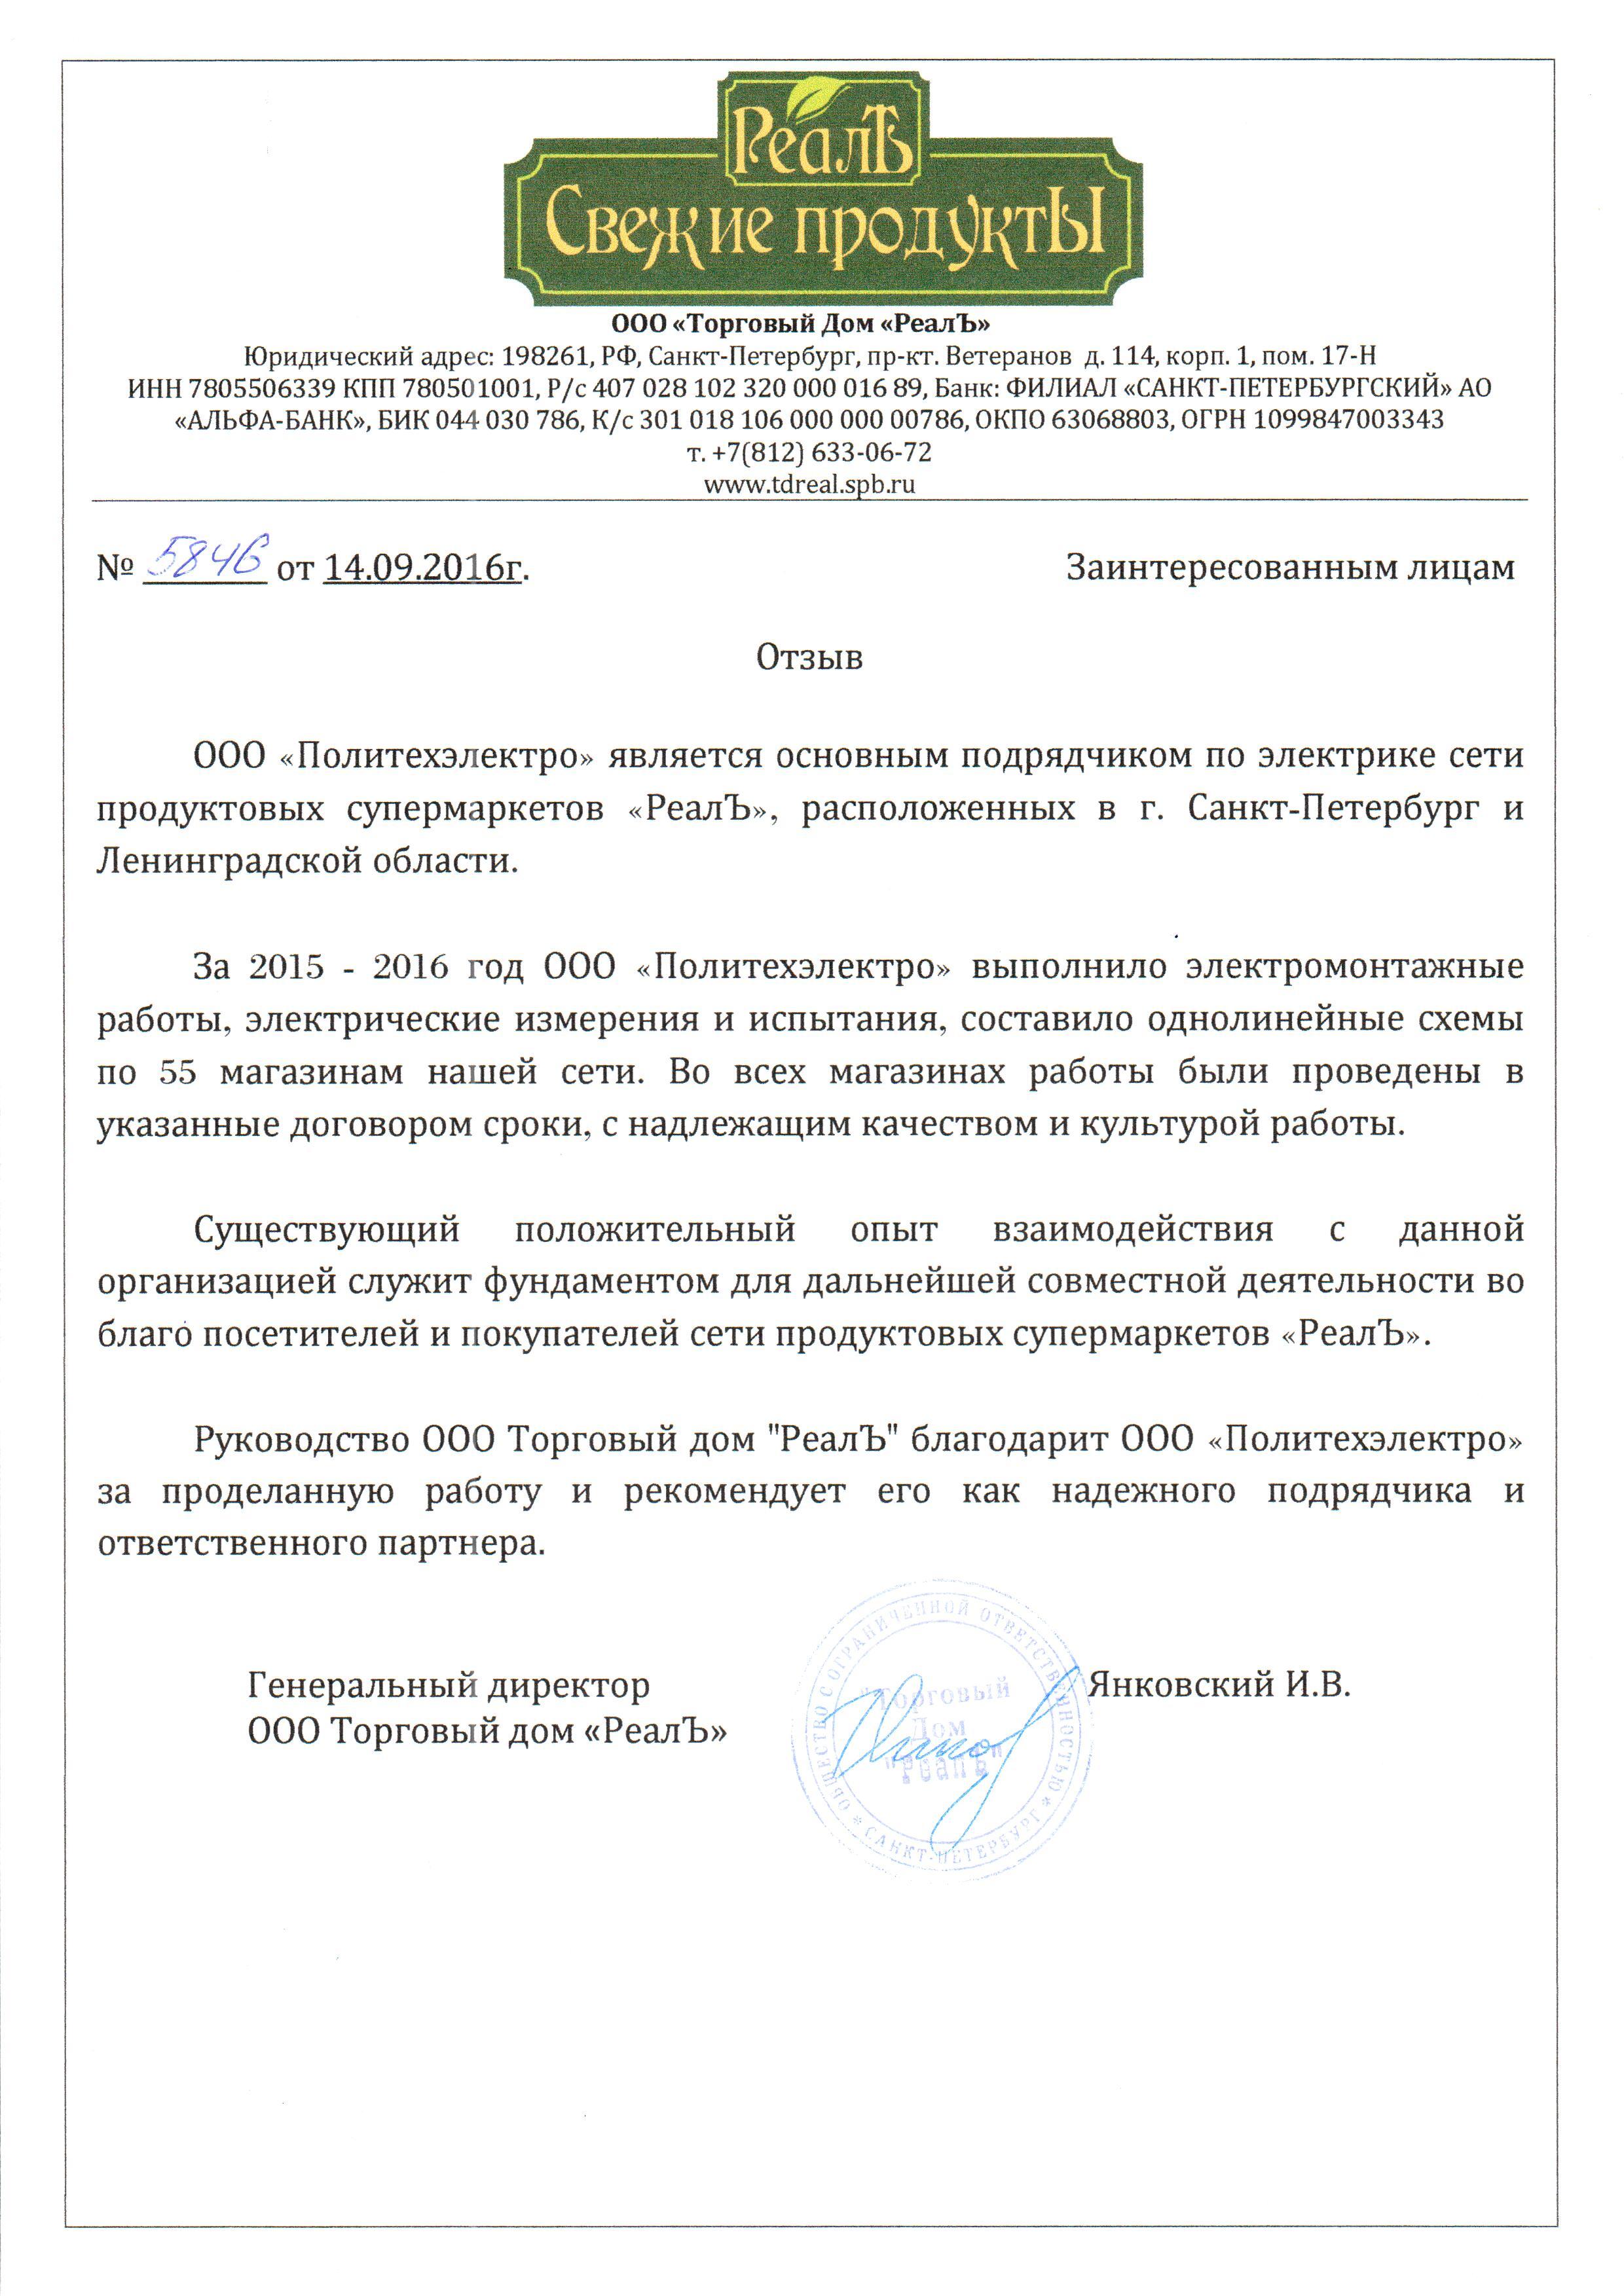 Почта банк кредит неработающим пенсионерам